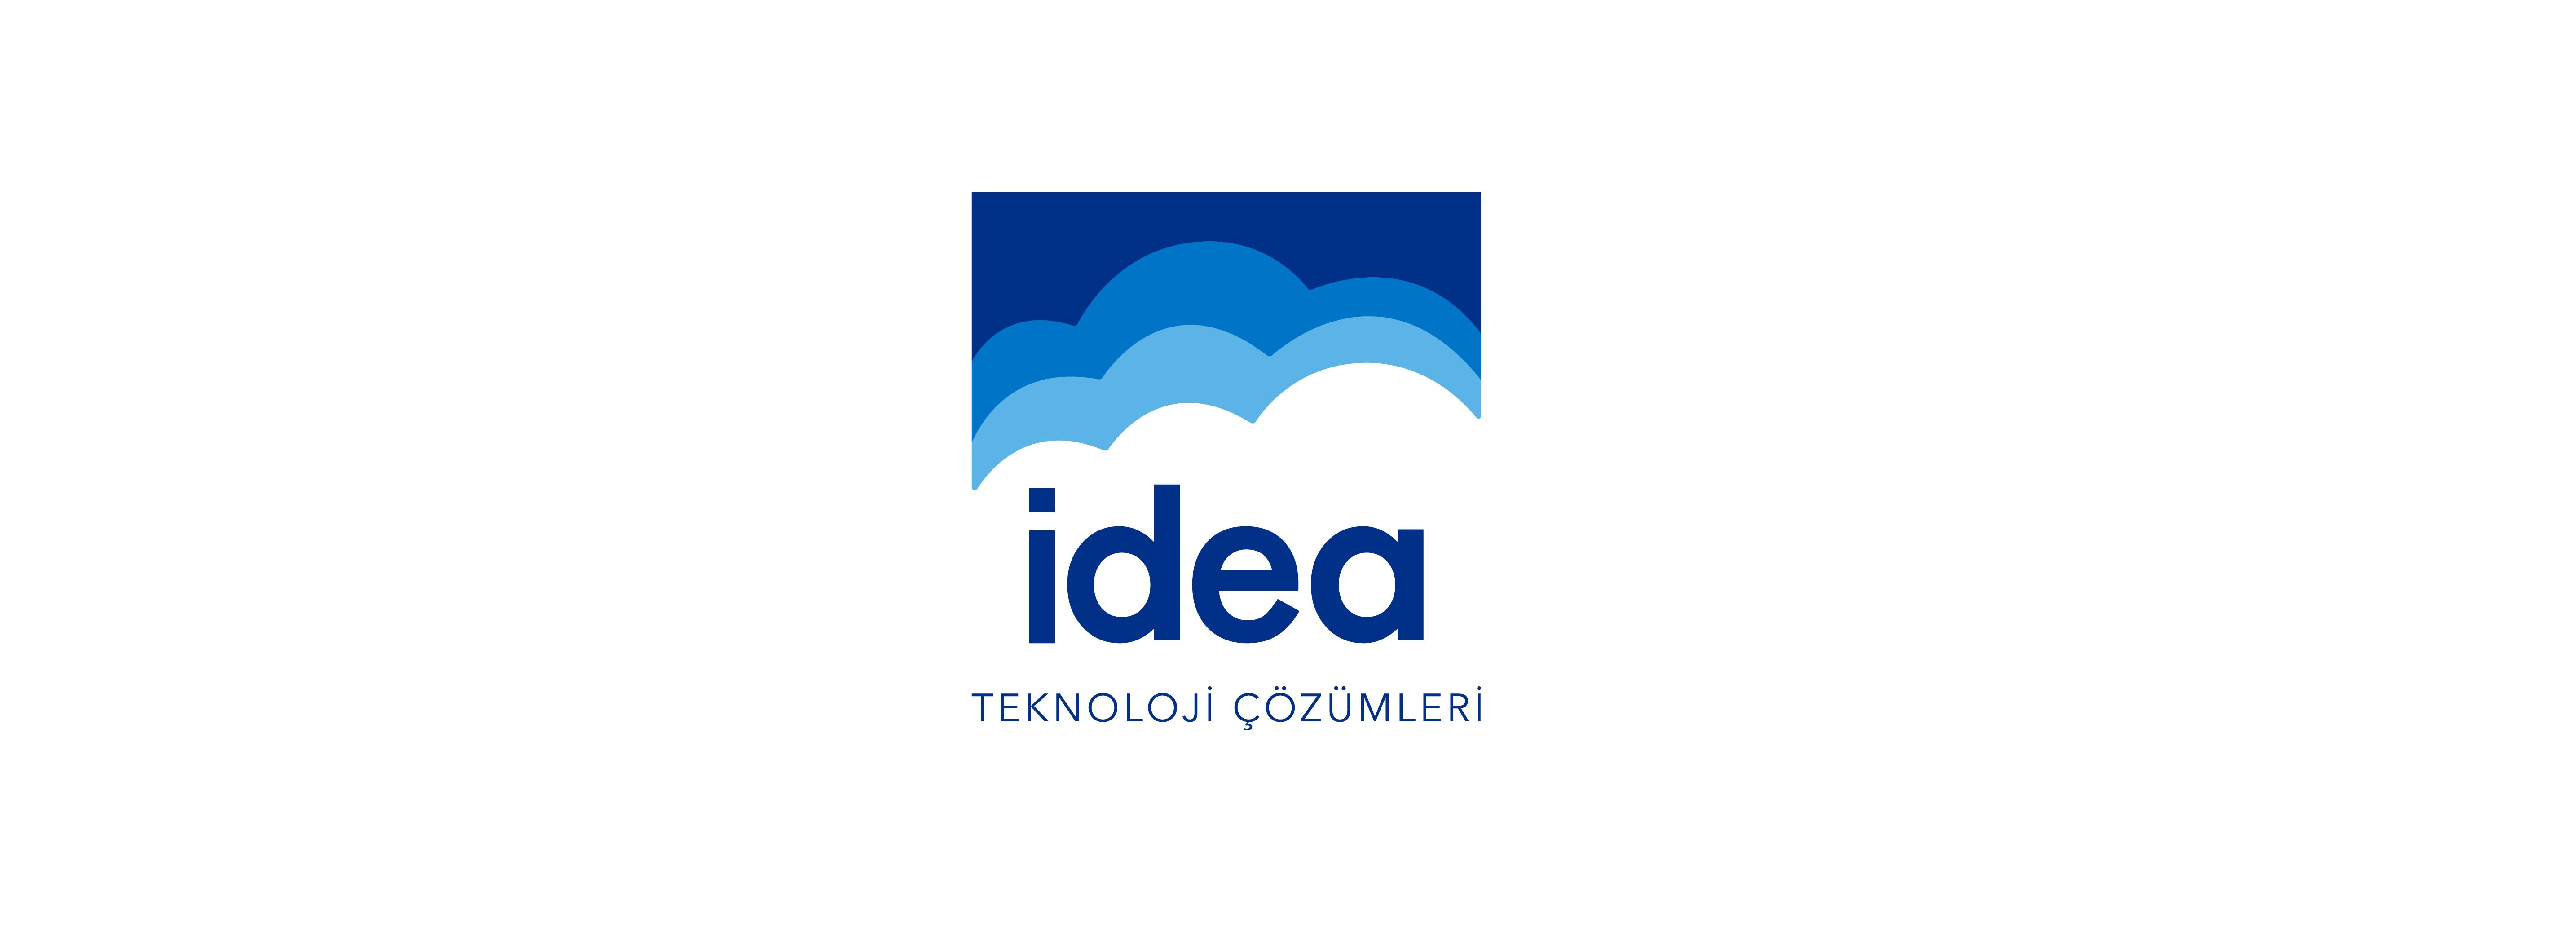 İdea Teknoloji Çözümleri Bilgisayar Sanayi Tic.a.ş.